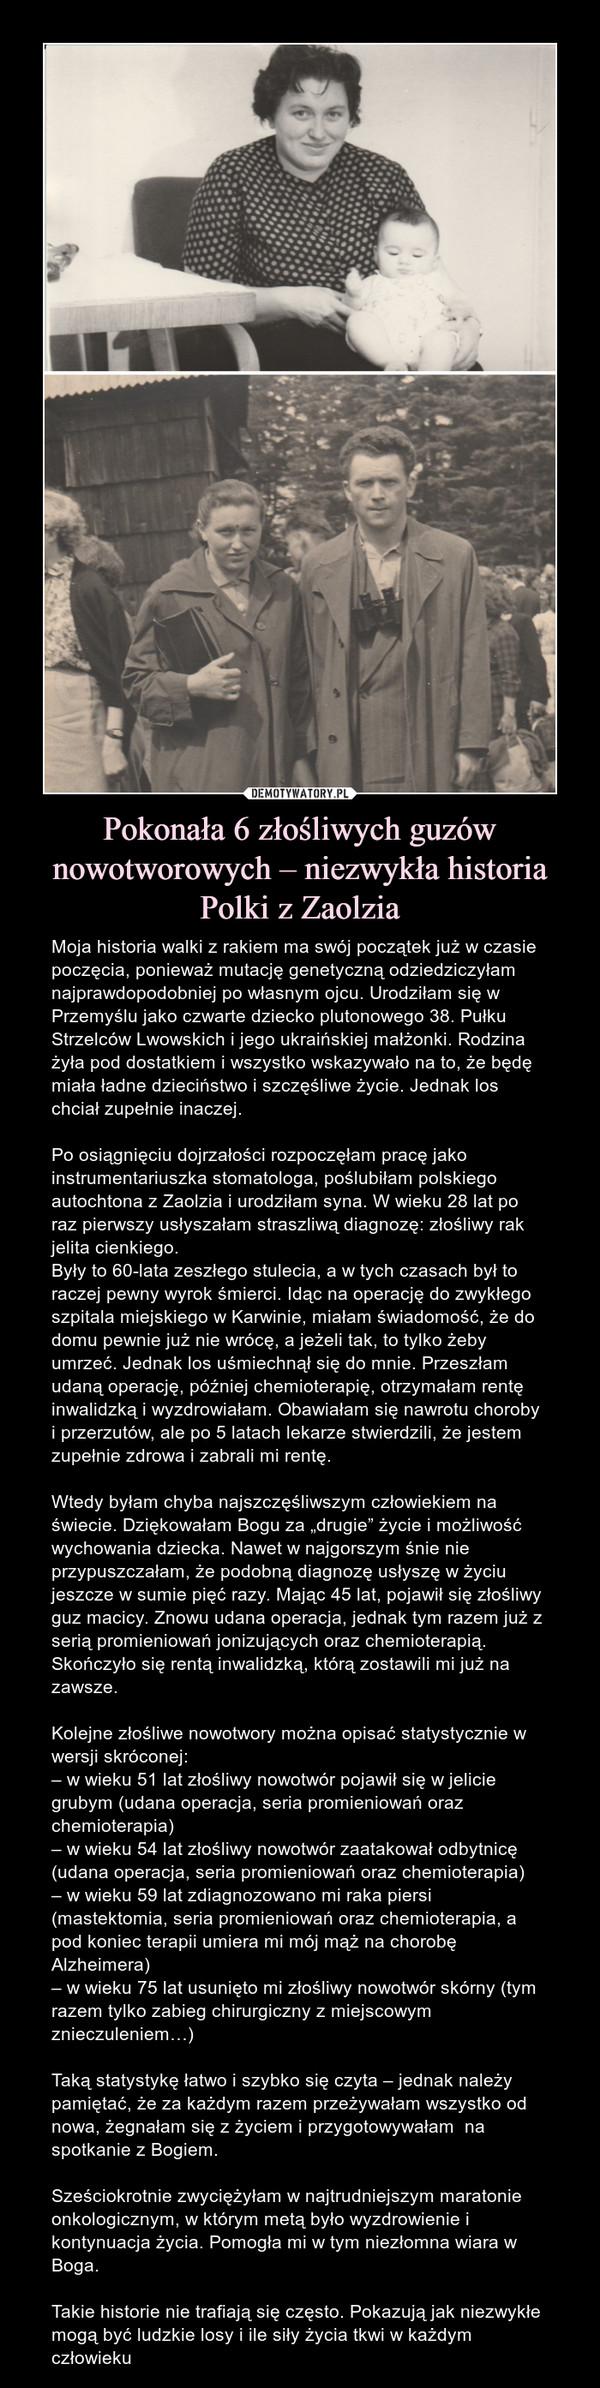 """Pokonała 6 złośliwych guzów nowotworowych – niezwykła historia Polki z Zaolzia – Moja historia walki z rakiem ma swój początek już w czasie poczęcia, ponieważmutację genetycznąodziedziczyłam najprawdopodobniej po własnym ojcu. Urodziłam się w Przemyślu jako czwarte dziecko plutonowego 38. Pułku Strzelców Lwowskich i jego ukraińskiej małżonki. Rodzina żyła pod dostatkiem i wszystko wskazywało na to, że będę miała ładne dzieciństwo i szczęśliwe życie. Jednaklos chciał zupełnie inaczej. Po osiągnięciu dojrzałości rozpoczęłam pracę jako instrumentariuszka stomatologa, poślubiłam polskiego autochtona z Zaolzia i urodziłam syna. W wieku 28 lat po raz pierwszy usłyszałam straszliwą diagnozę: złośliwy rak jelita cienkiego.Były to 60-lata zeszłego stulecia, a w tych czasach był to raczej pewny wyrok śmierci. Idąc na operację do zwykłego szpitala miejskiego w Karwinie, miałam świadomość, że do domu pewnie już nie wrócę, a jeżeli tak, to tylko żeby umrzeć. Jednak los uśmiechnął się do mnie. Przeszłam udaną operację, później chemioterapię, otrzymałam rentę inwalidzką i wyzdrowiałam. Obawiałam się nawrotu choroby i przerzutów, ale po 5 latach lekarze stwierdzili, że jestem zupełnie zdrowa i zabrali mi rentę.Wtedy byłam chyba najszczęśliwszym człowiekiem na świecie. Dziękowałam Bogu za """"drugie"""" życie i możliwość wychowania dziecka. Nawet w najgorszym śnie nie przypuszczałam, że podobną diagnozę usłyszę w życiu jeszcze w sumie pięć razy. Mając 45 lat, pojawił się złośliwy guz macicy. Znowu udana operacja, jednak tym razem już z serią promieniowań jonizujących oraz chemioterapią. Skończyło się rentą inwalidzką, którą zostawili mi już na zawsze.Kolejne złośliwe nowotwory można opisać statystycznie w wersji skróconej:– w wieku 51 lat złośliwy nowotwór pojawił się w jelicie grubym (udana operacja, seria promieniowań oraz chemioterapia)– w wieku 54 lat złośliwy nowotwór zaatakował odbytnicę (udana operacja, seria promieniowań oraz chemioterapia)– w wieku 59 lat zdiagnozowano mi raka pi"""